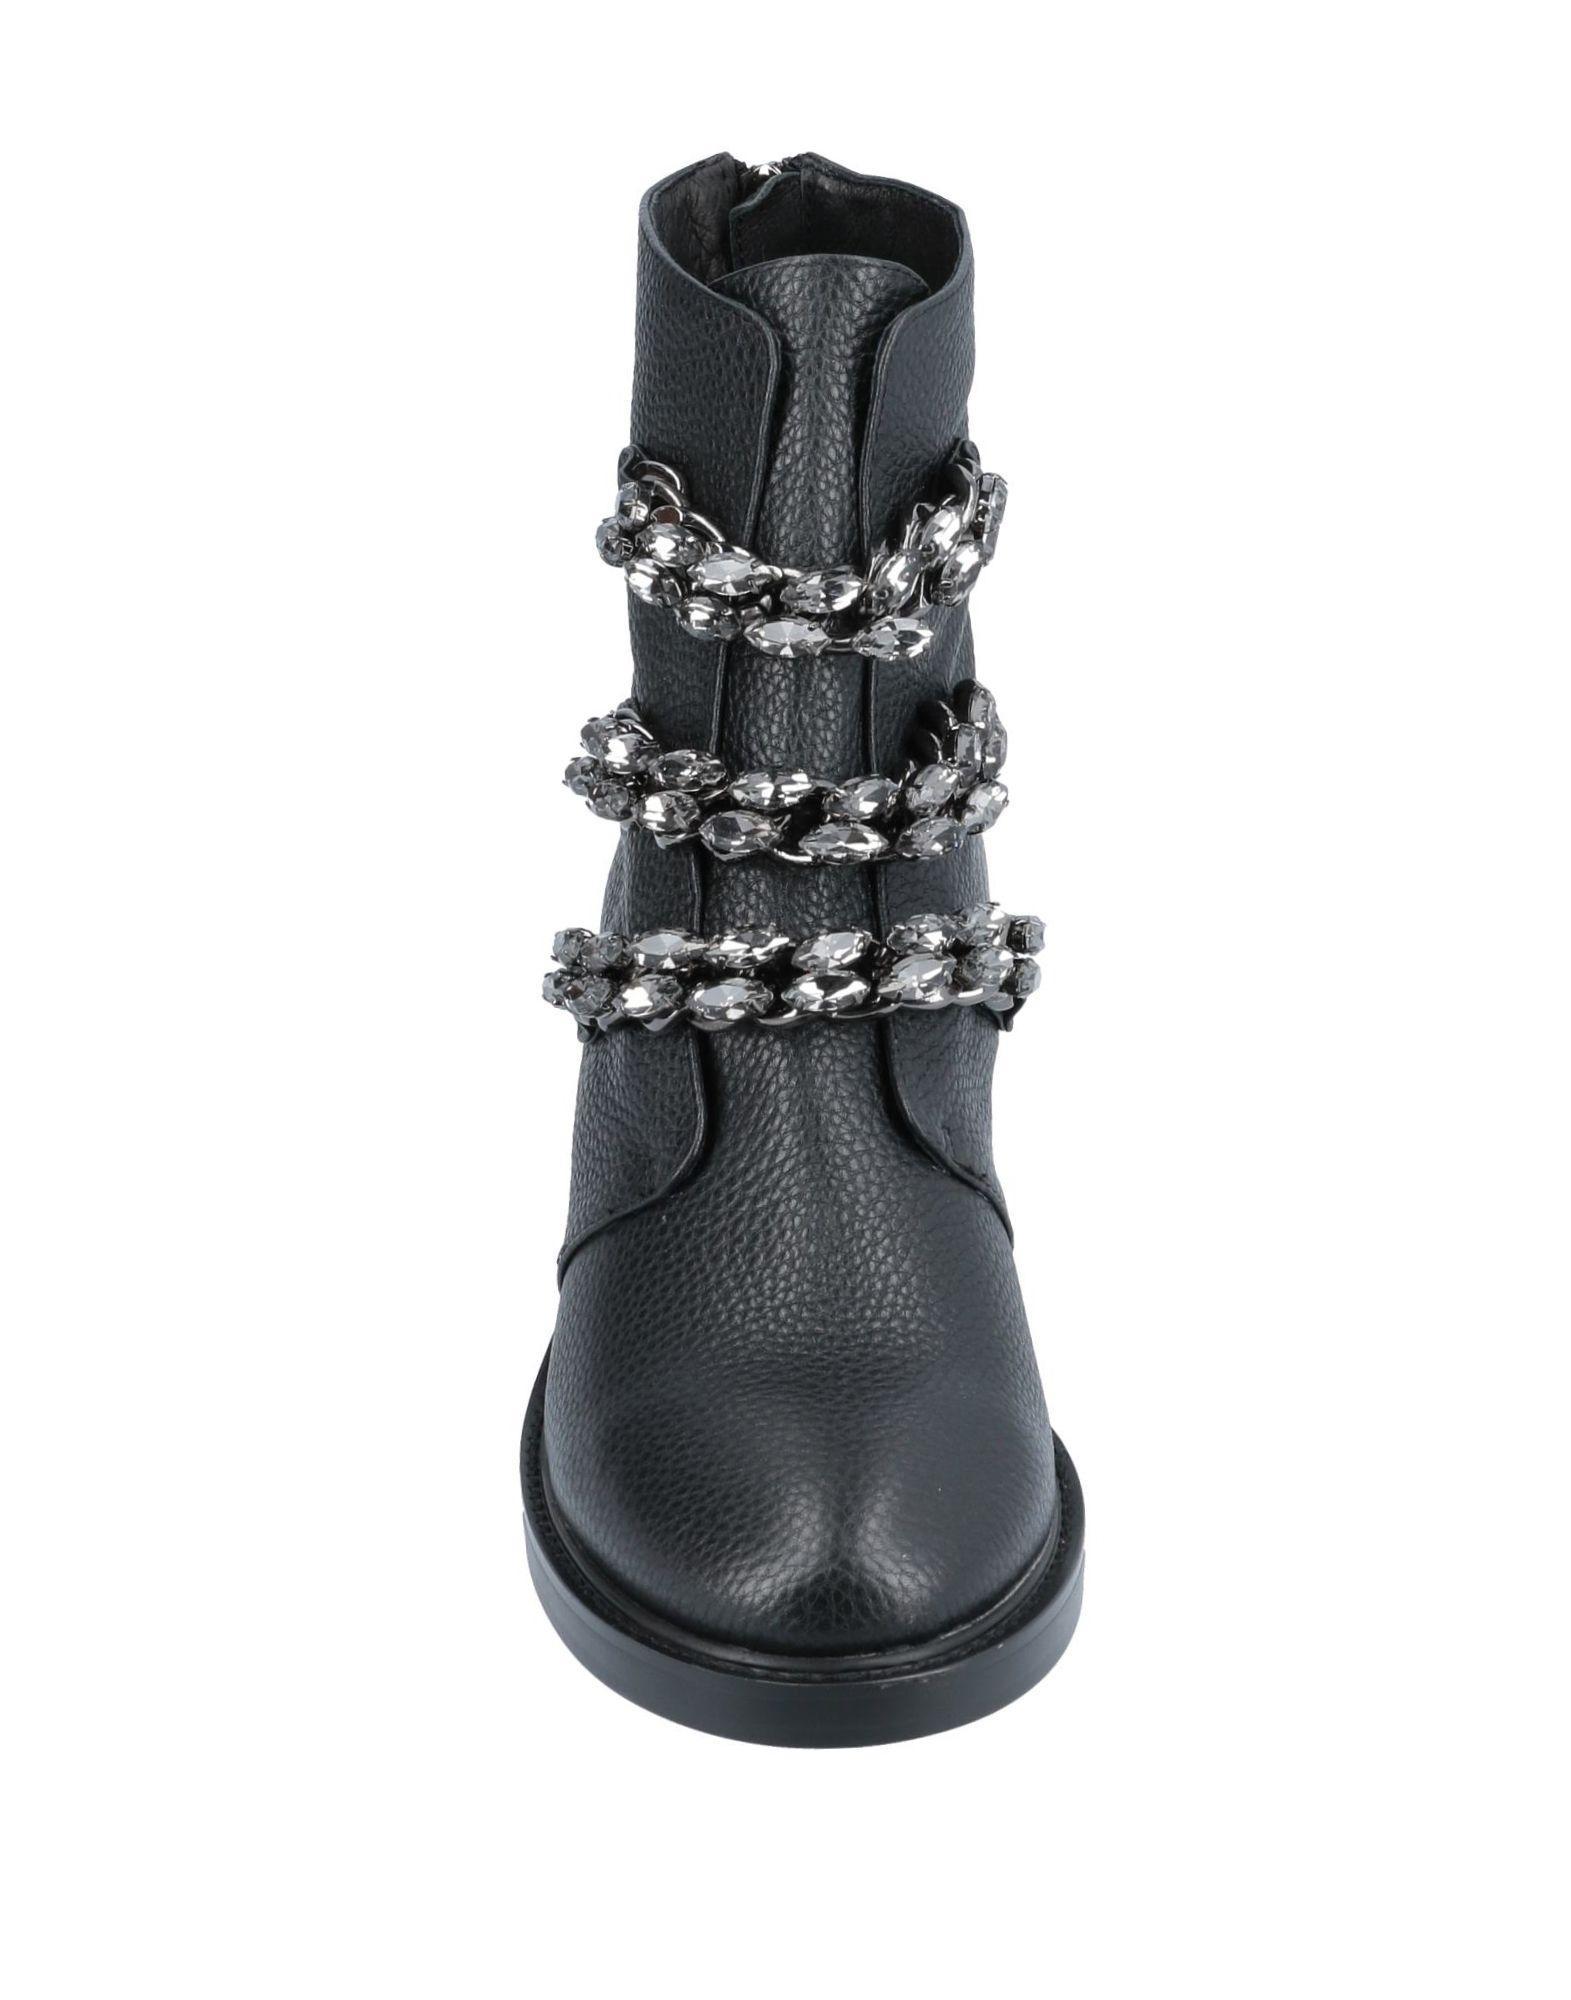 Botines de caña alta Lola Cruz de Cuero de color Negro